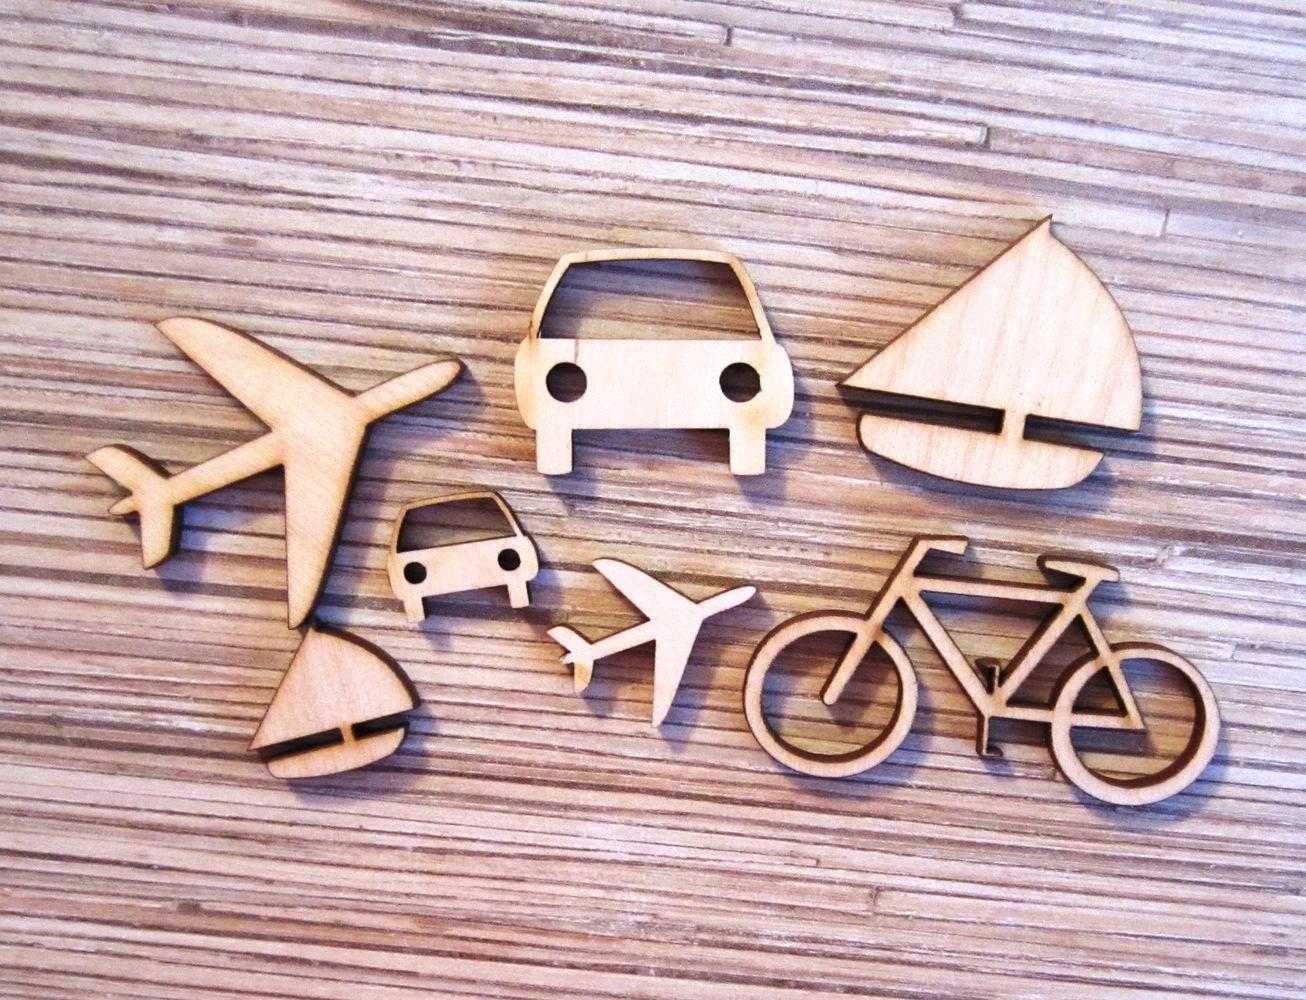 SmileDecor - развивающие игрушки, заготовки для творчества. Авторские методики: Б.П.Никитин, М.Монтессори, Э.Сеген - 4